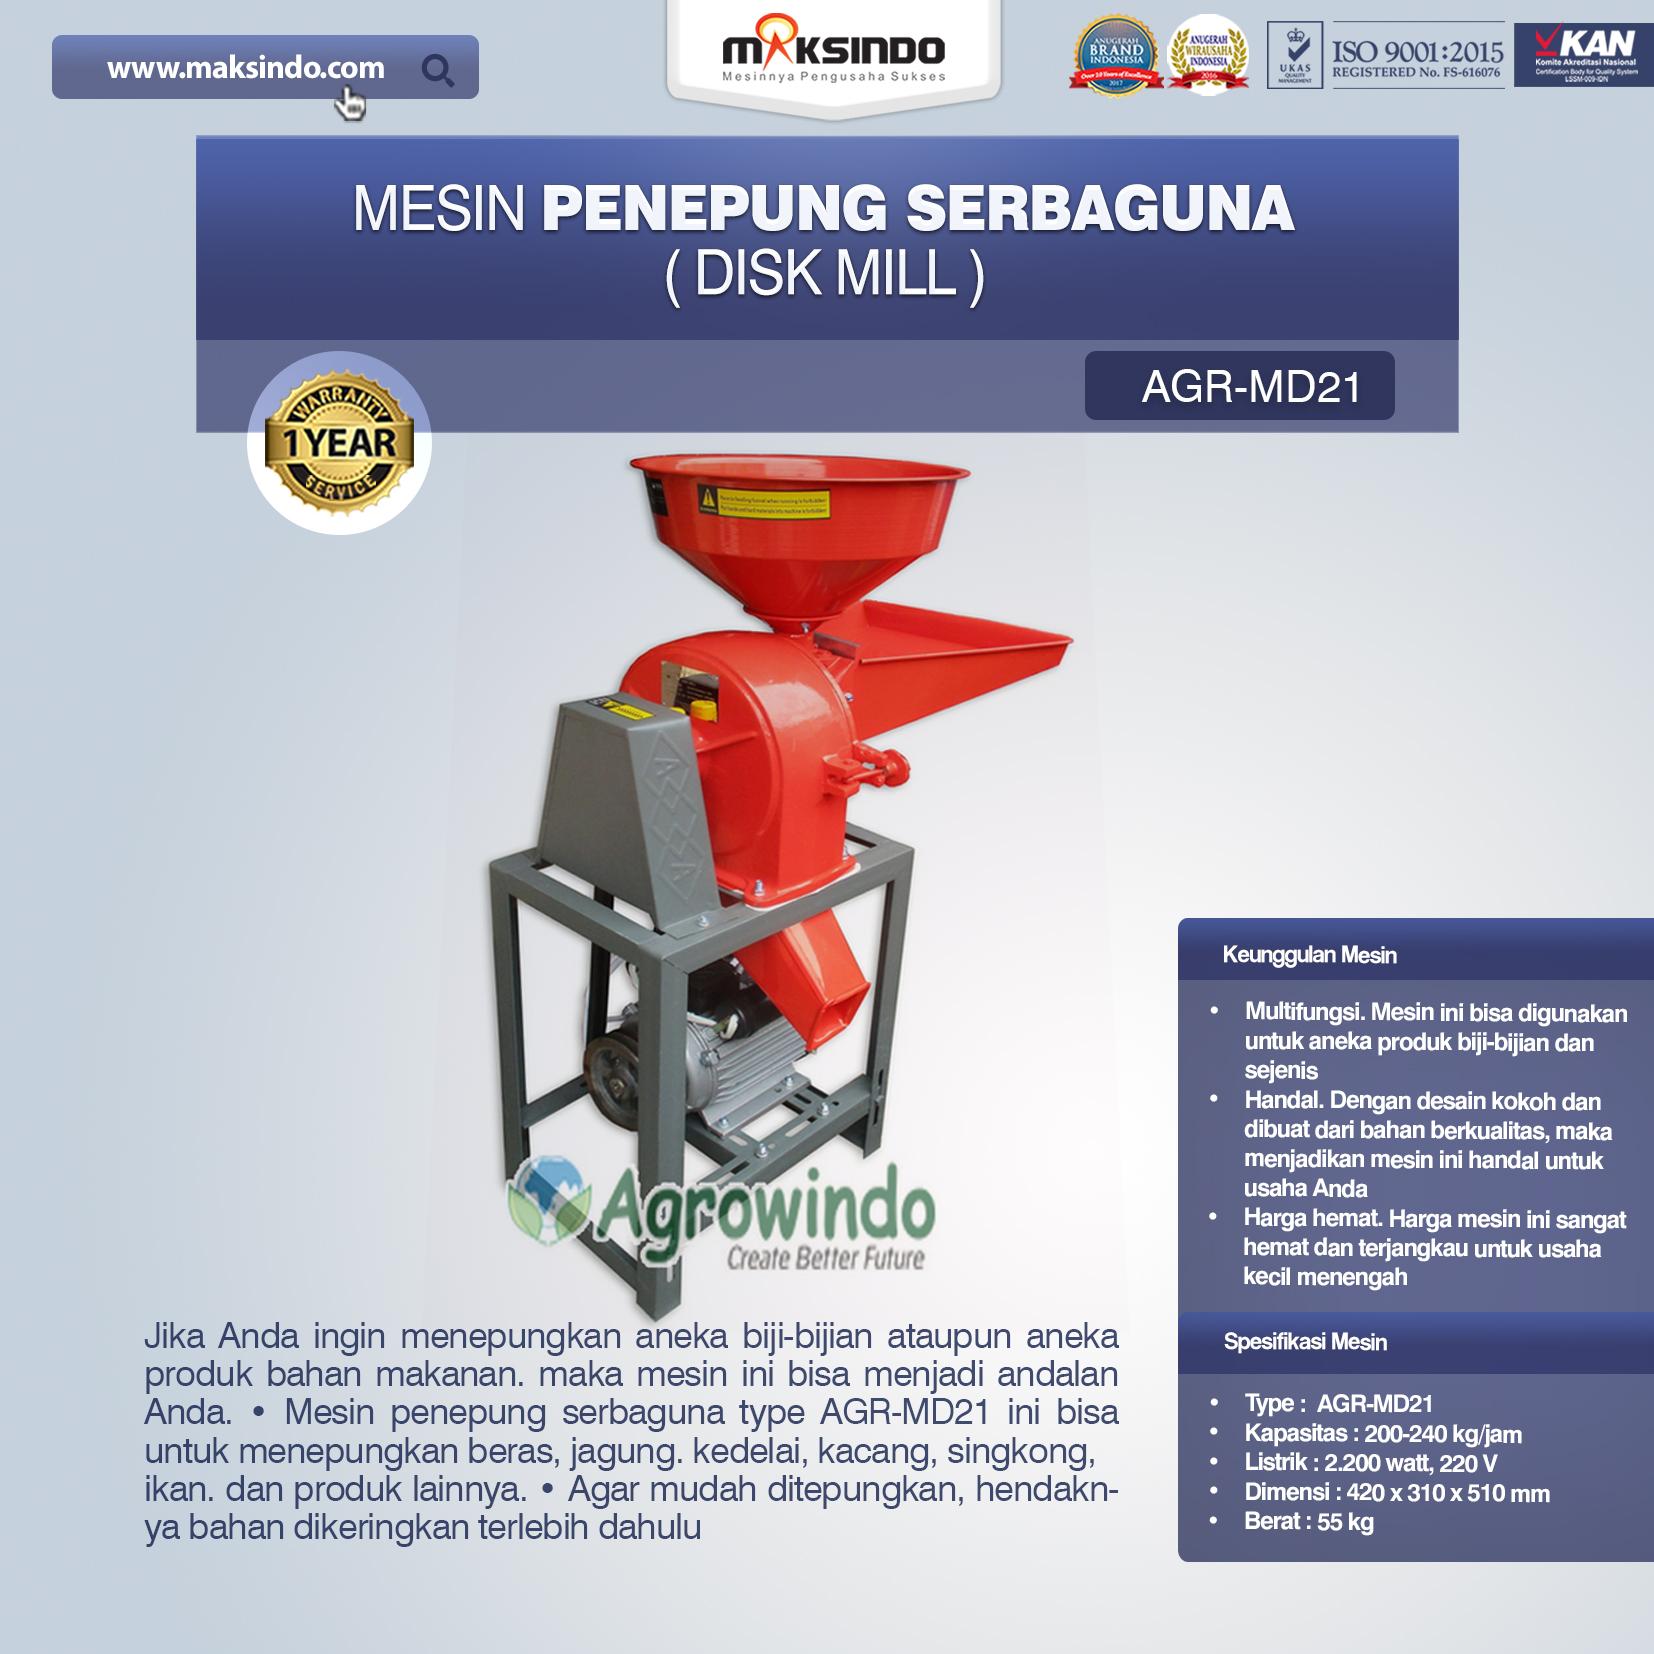 Jual Penepung Disk Mill Serbaguna (AGR-MD21) di Bekasi